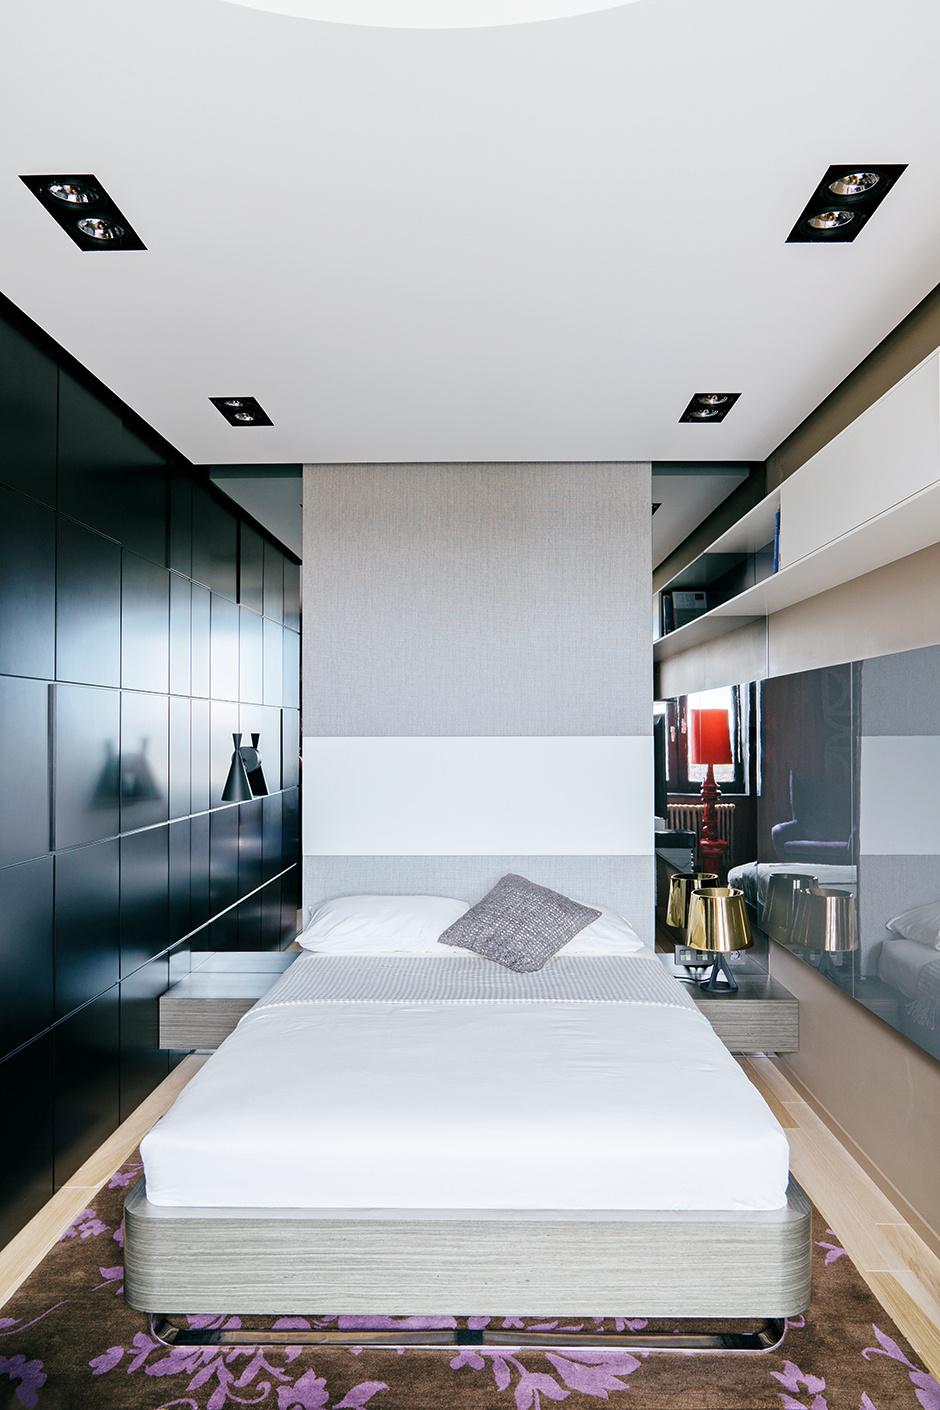 дизайн маленькой квартиры дизайн маленькой квартиры Дизайн маленькой квартиры 940x1410 1 6b41f87eb3ff92660076c47f5f3b55ac 940x1410 0xc0a839a4 13242634901485937660